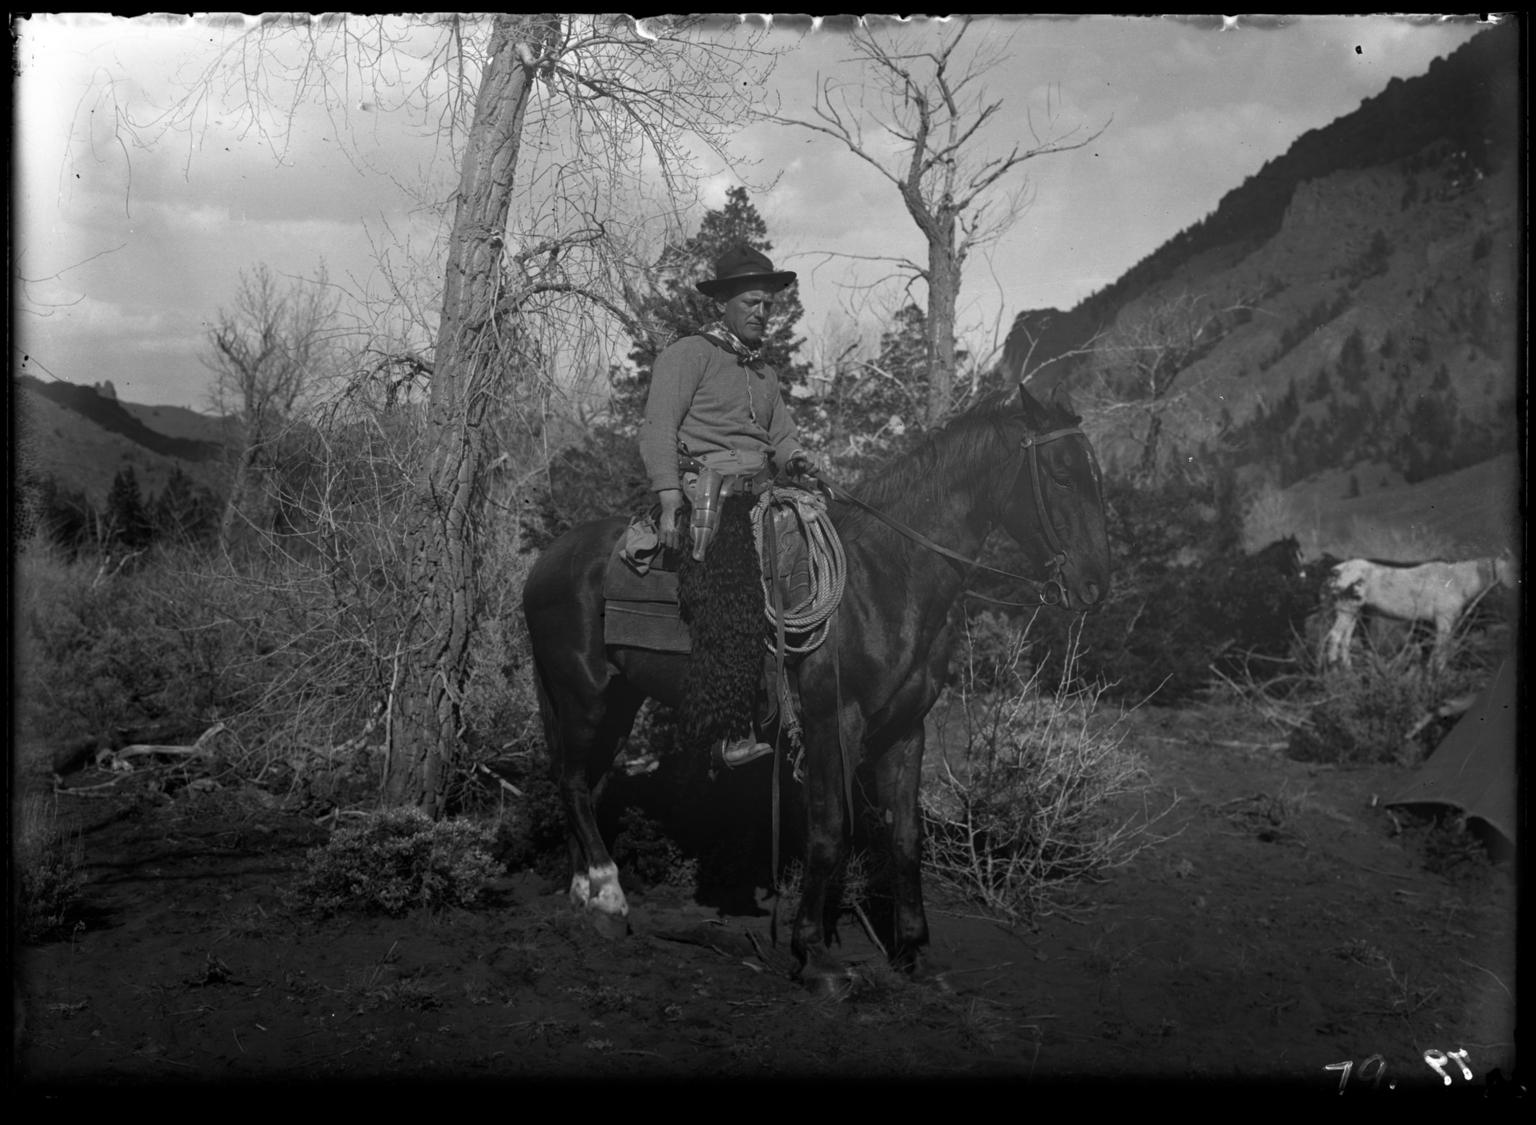 Pete the Cowboy